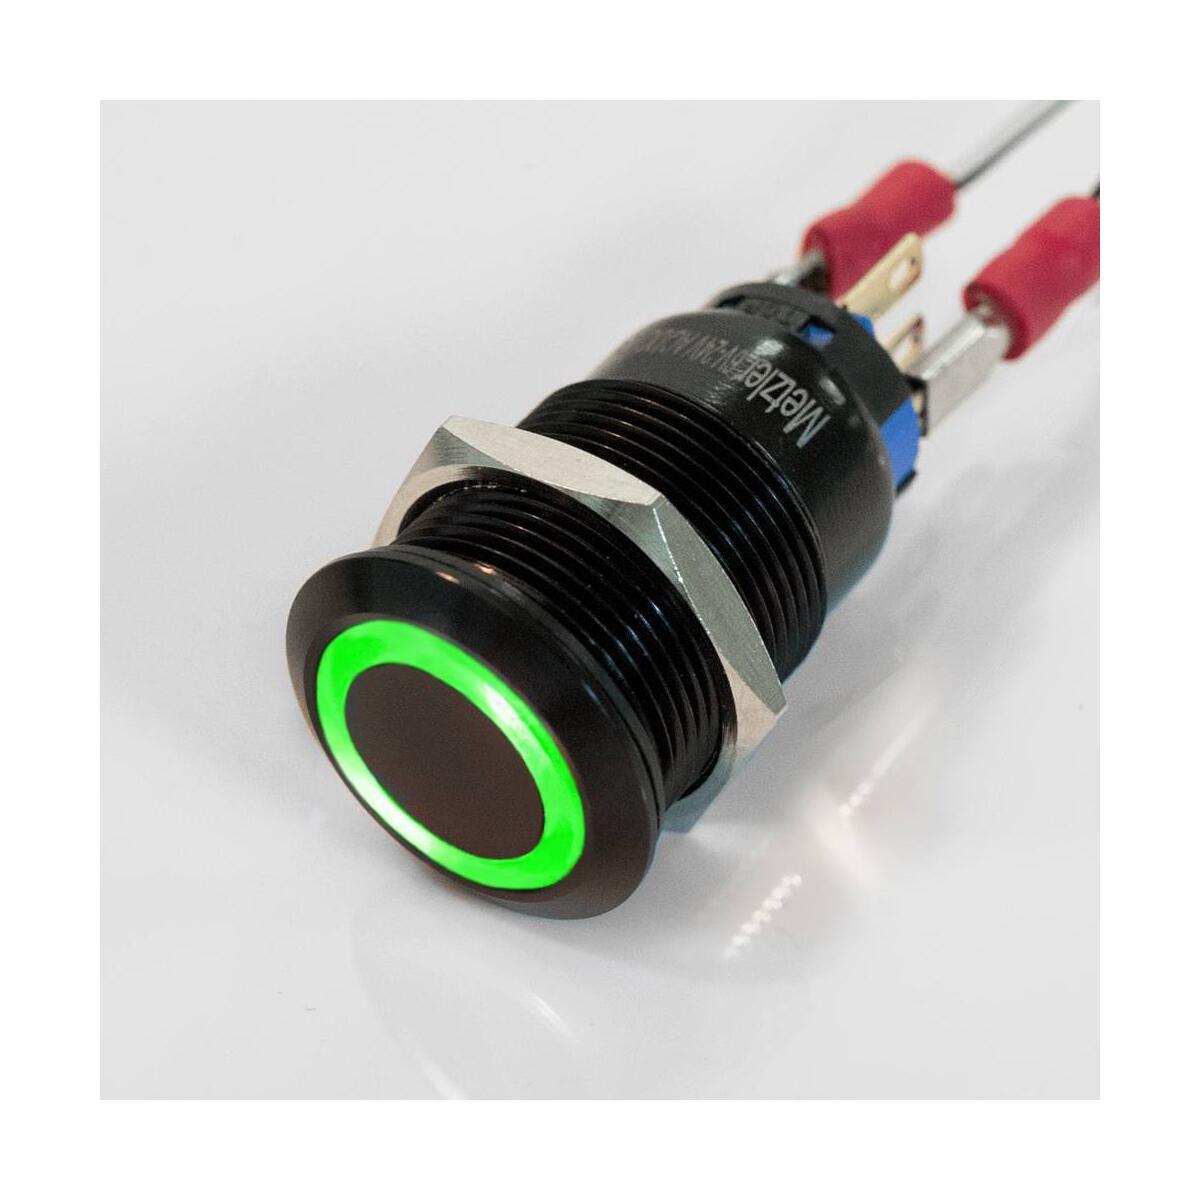 Wasserdicht IP67 25mm Drucktaster LED grün als Schalter Edelstahl